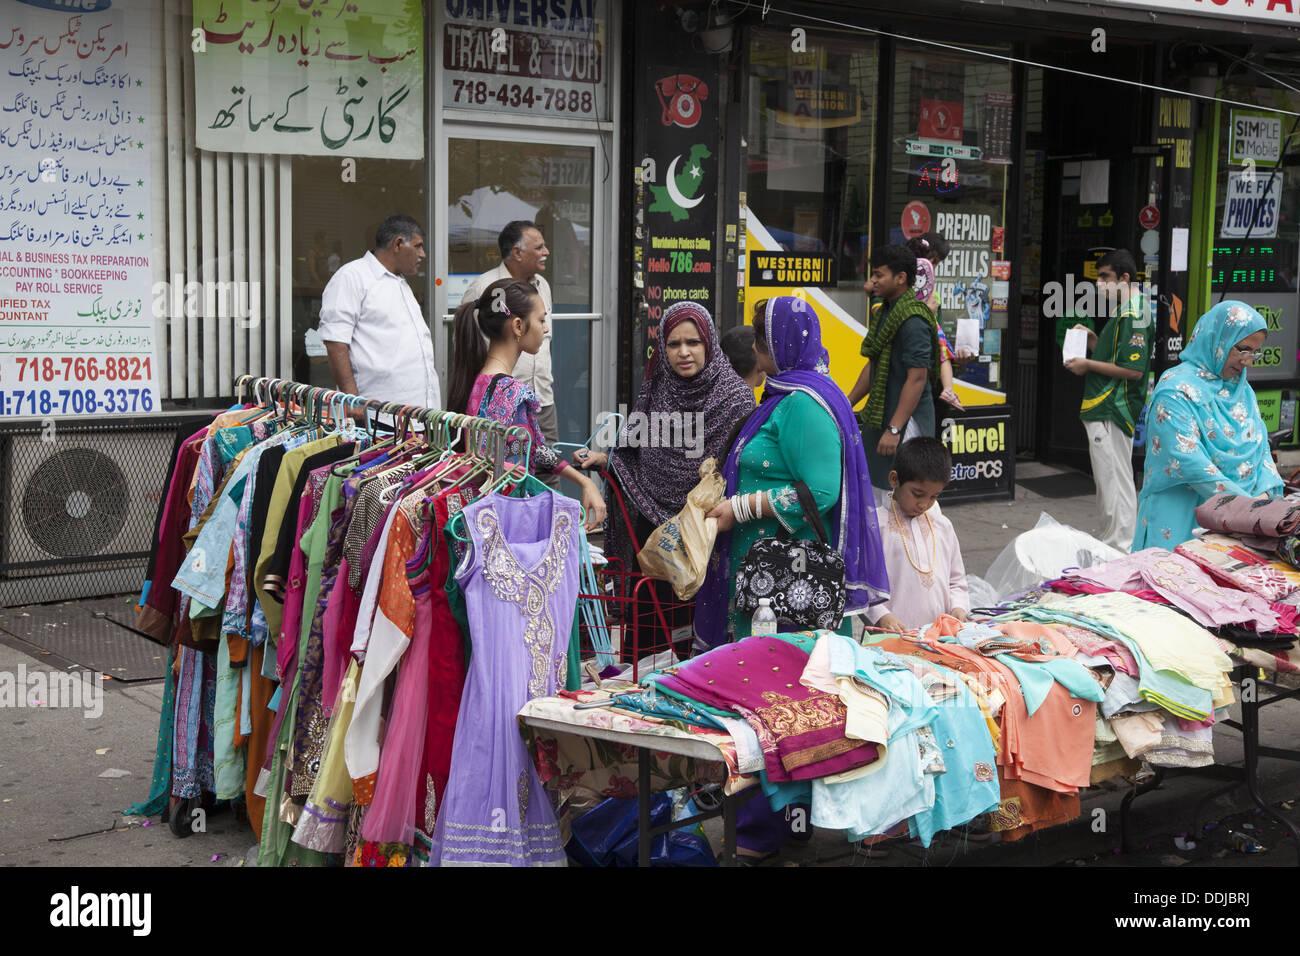 Pakistanischen Einwanderer Nachbarschaft während der Feierlichkeiten zur Unabhängigkeit von Pakistan in Brooklyn, New York. Stockbild